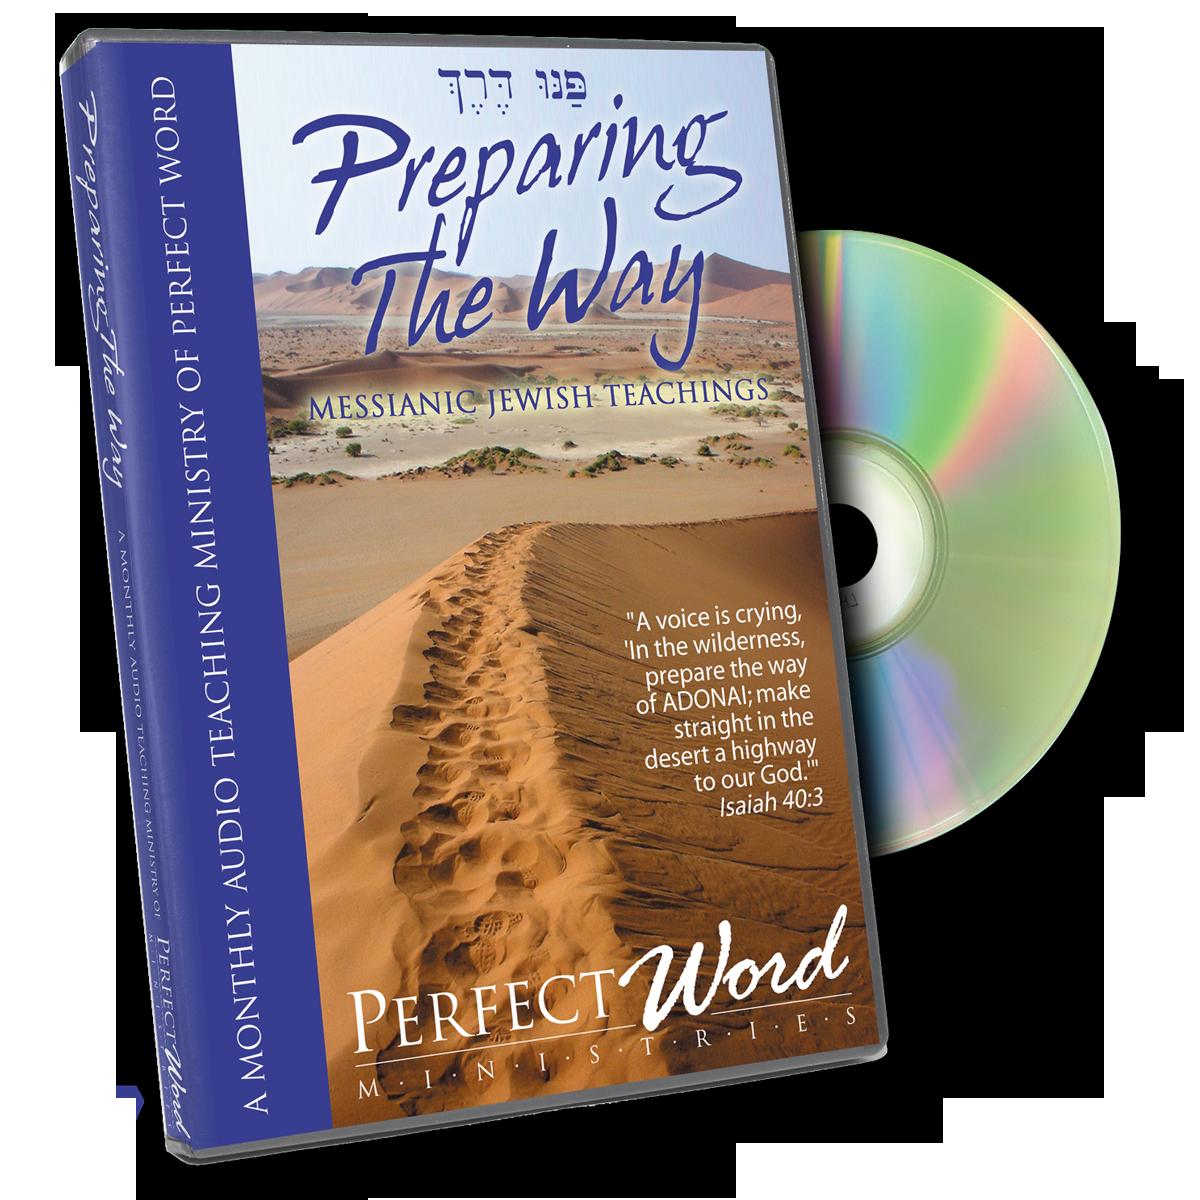 CD / MP3 Teachings